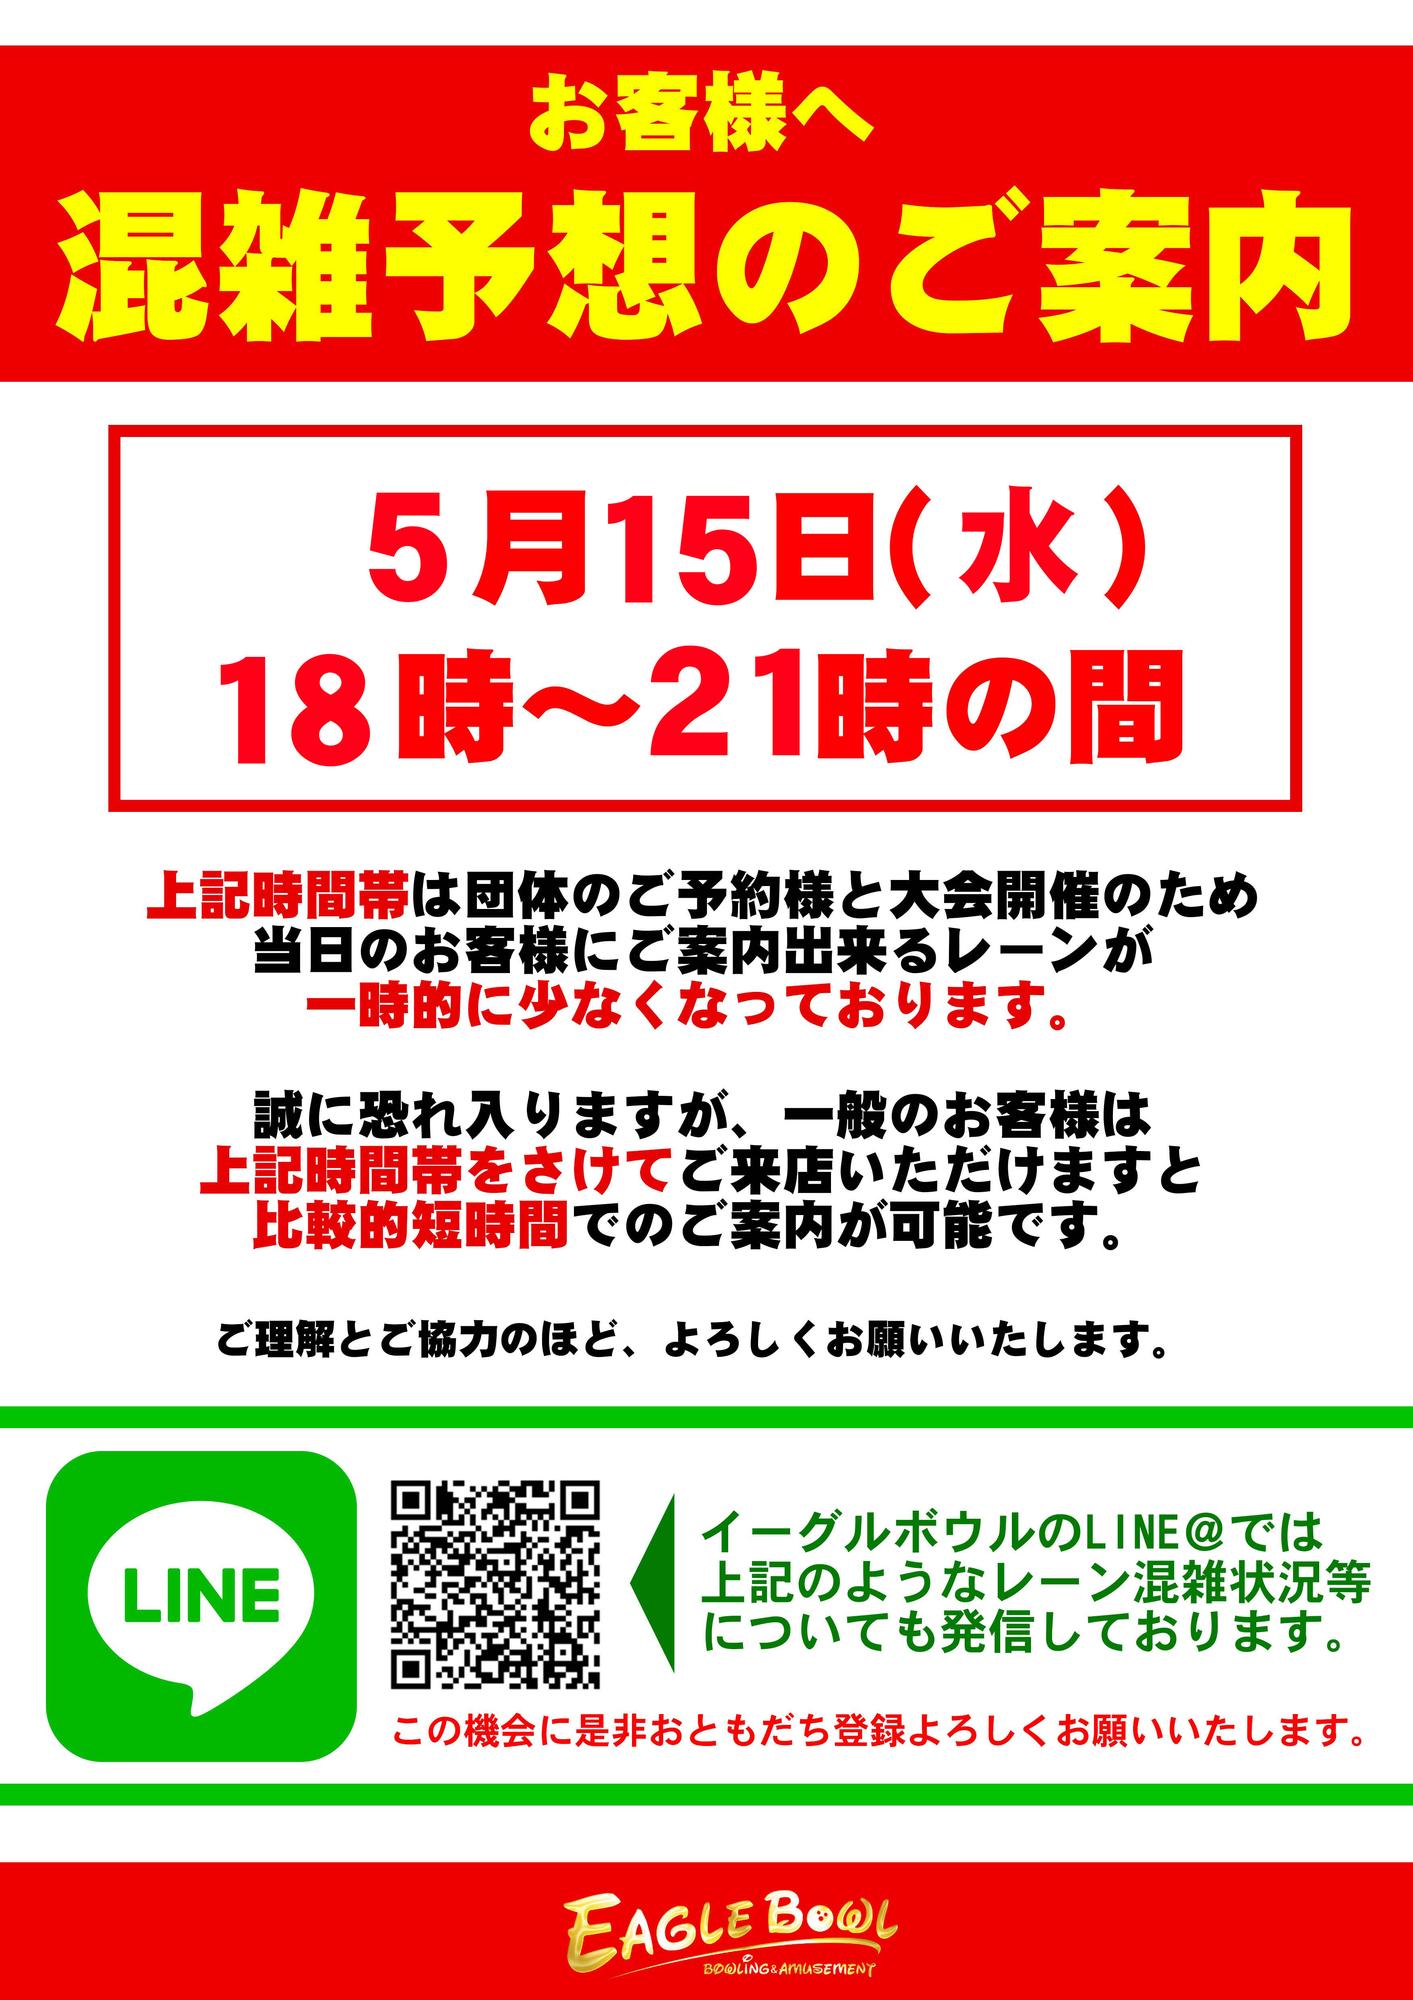 5/15 混雑予想